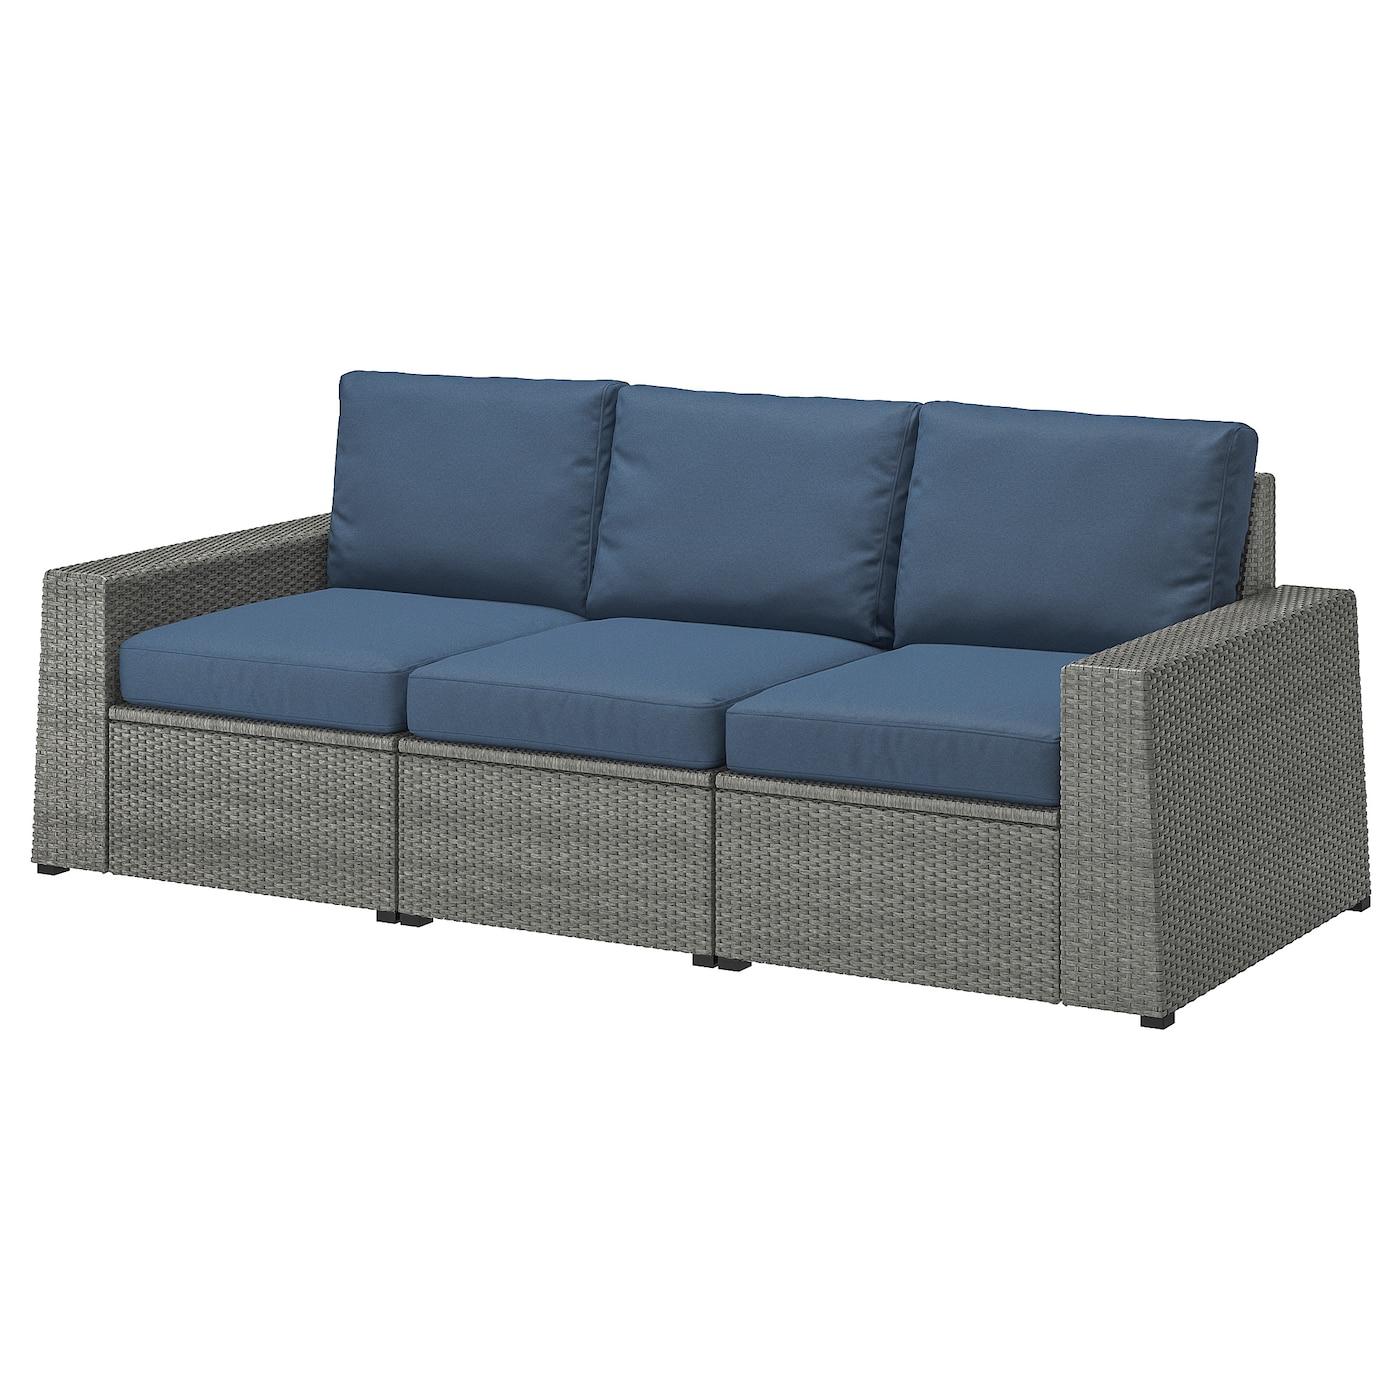 IKEA SOLLERÖN 3-osobowa sofa modułowa, zewn, ciemnoszary, Frösön/Duvholmen niebieski, 223x82x88 cm